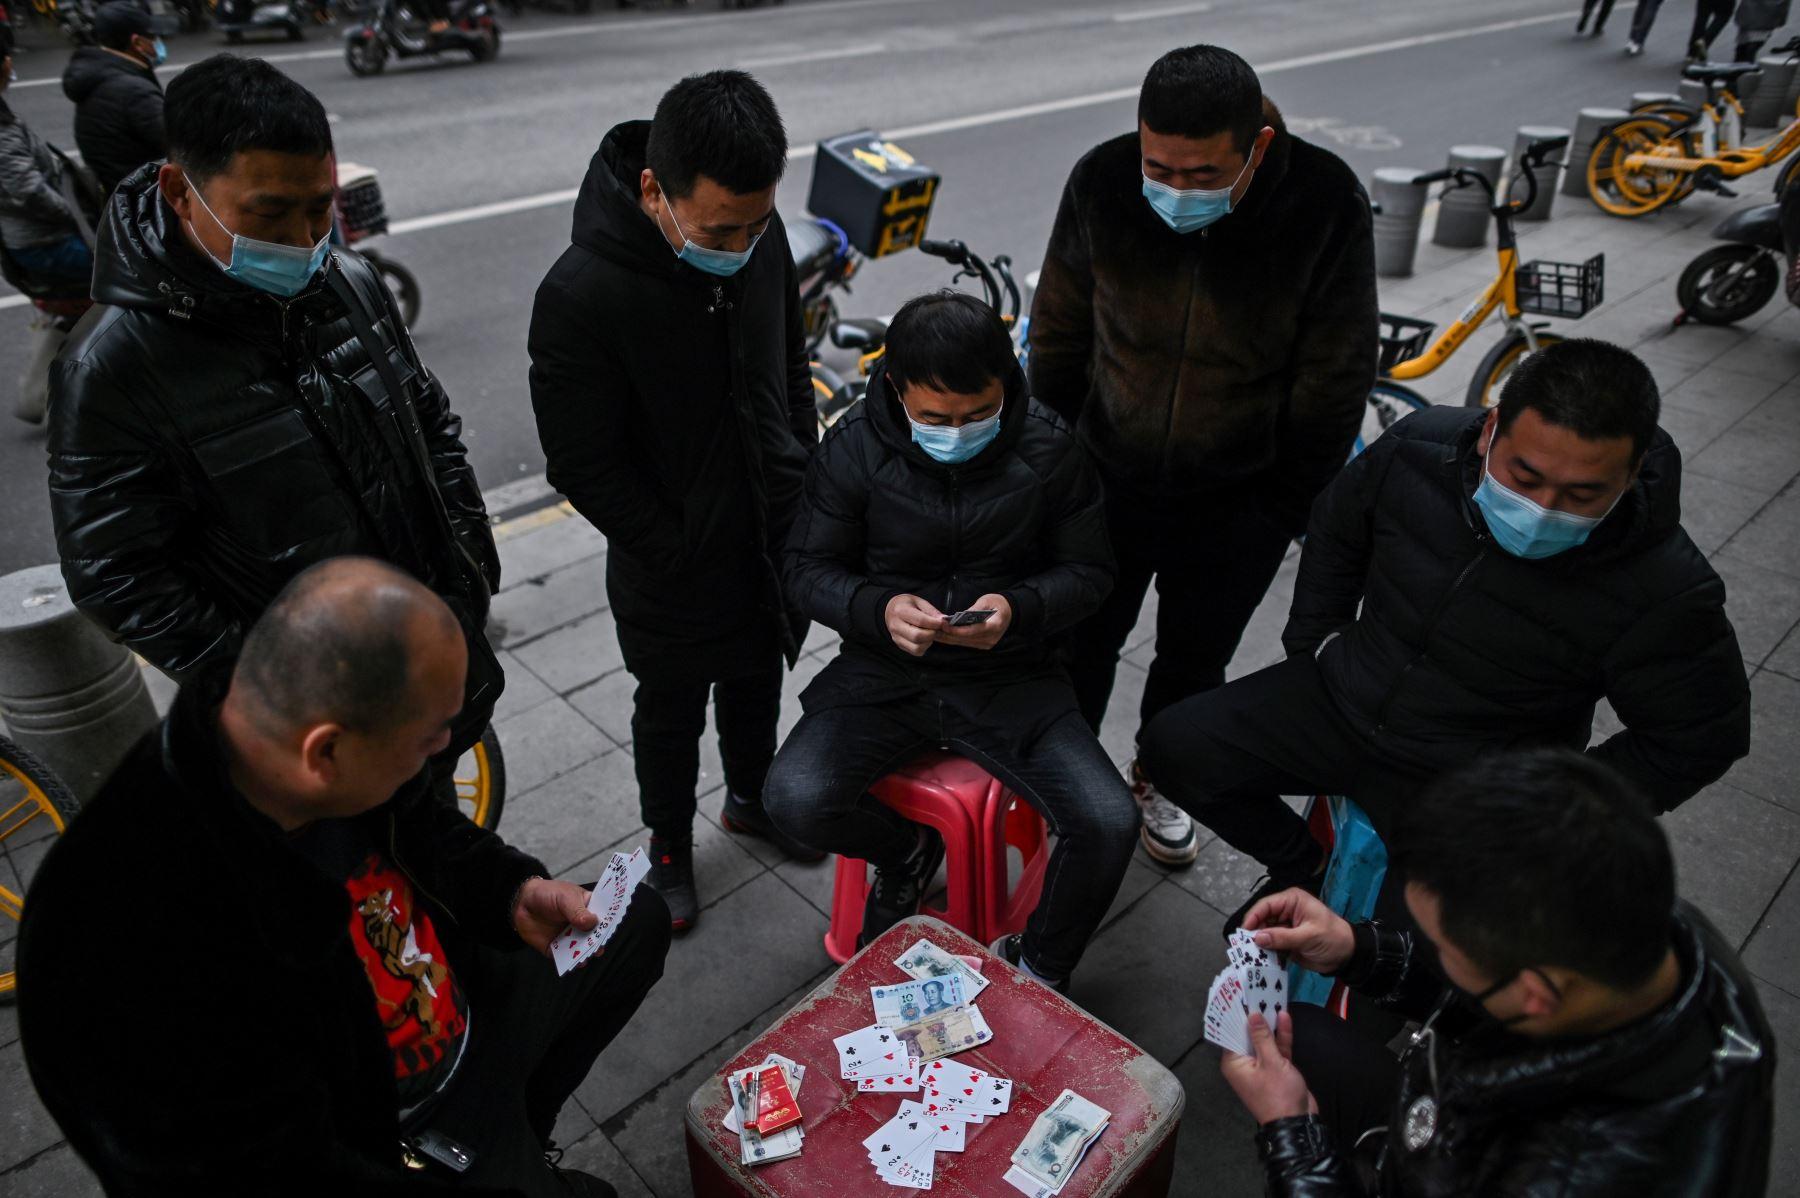 Hombres con mascarillas como medida preventiva contra el coronavirus Covid-19 juegan a las cartas en una calle de Wuhan. Foto: AFP